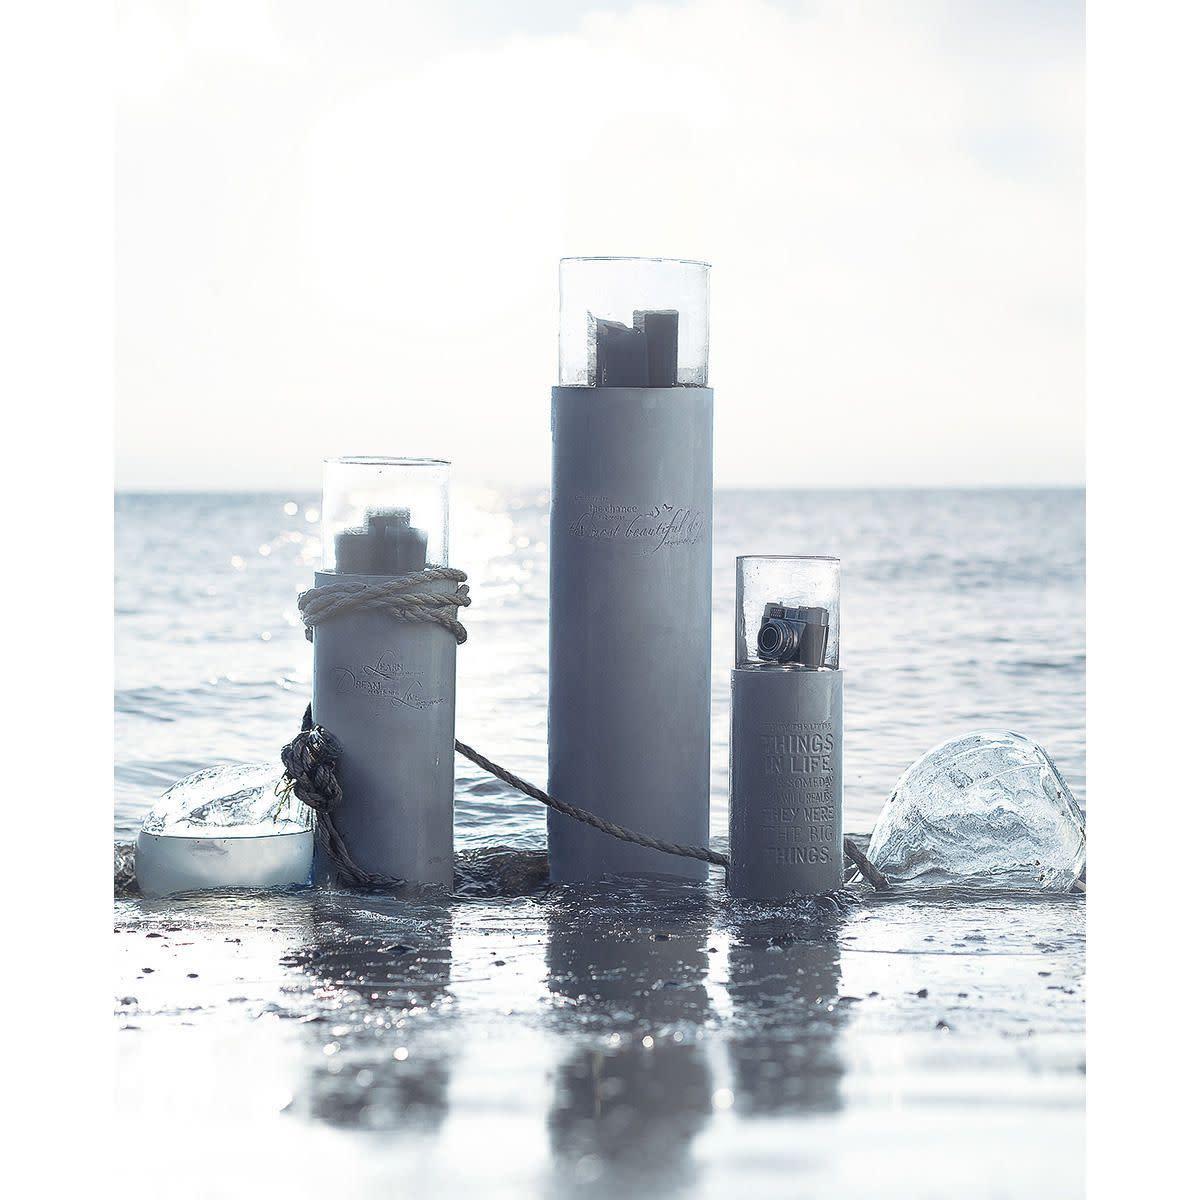 Windlichtsäule, Zement, Glas (Impressionen)